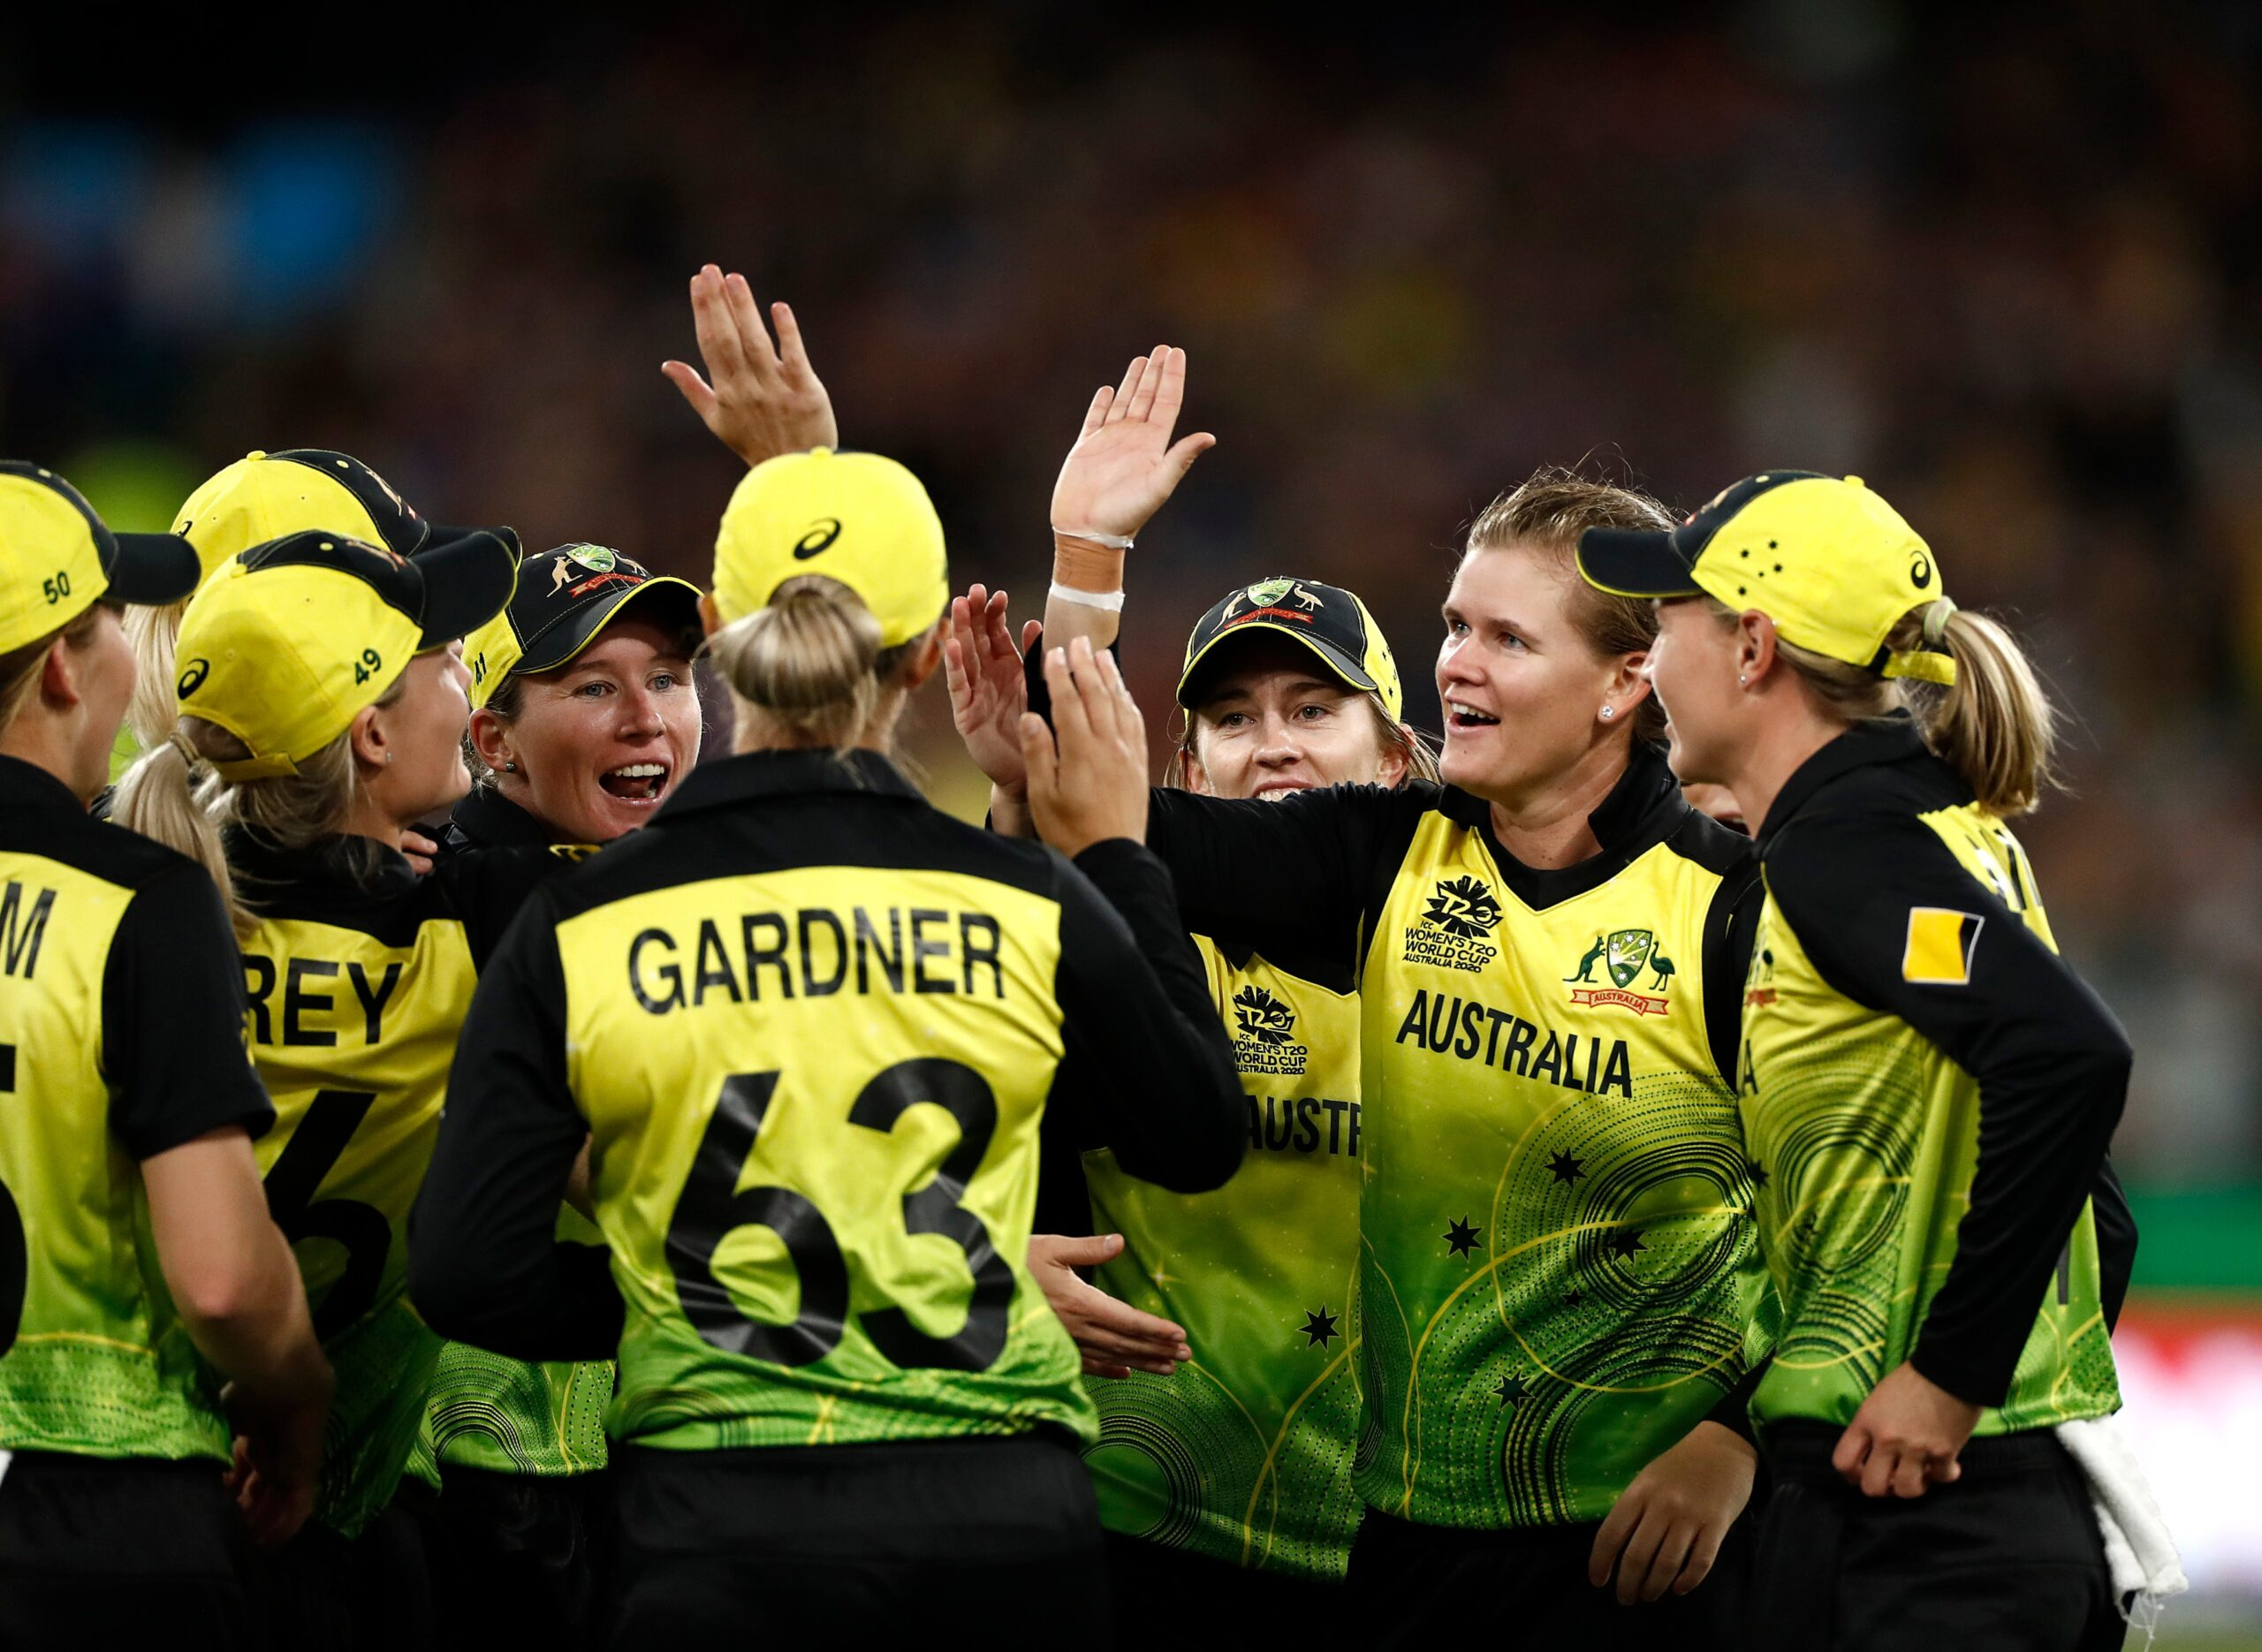 महिला टी-20 विश्व कप 2020: ऑस्ट्रेलिया ने भारत को हराकर 5वीं बार जीता कप, सोशल मीडिया पर आई प्रतिक्रिया 4